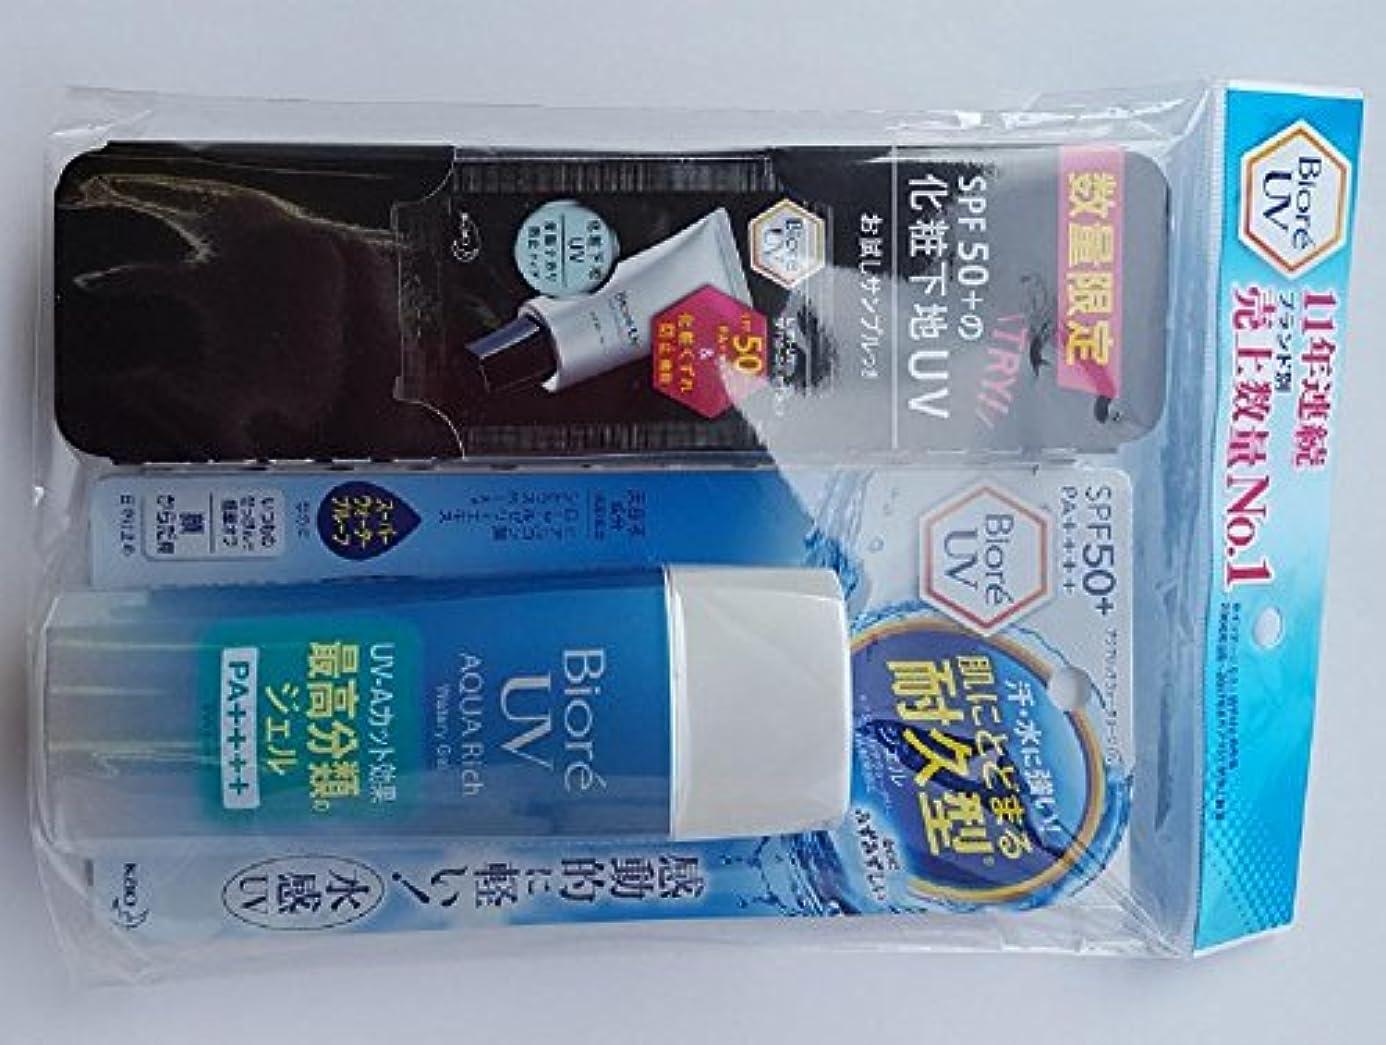 チューリップ領収書日帰り旅行にビオレ UV アクアリッチ ウォータリージェル SPF50+/PA++++ 90ml+ビオレ UV 化粧下地UV 皮脂テカリ防止(試供品)1回分付き